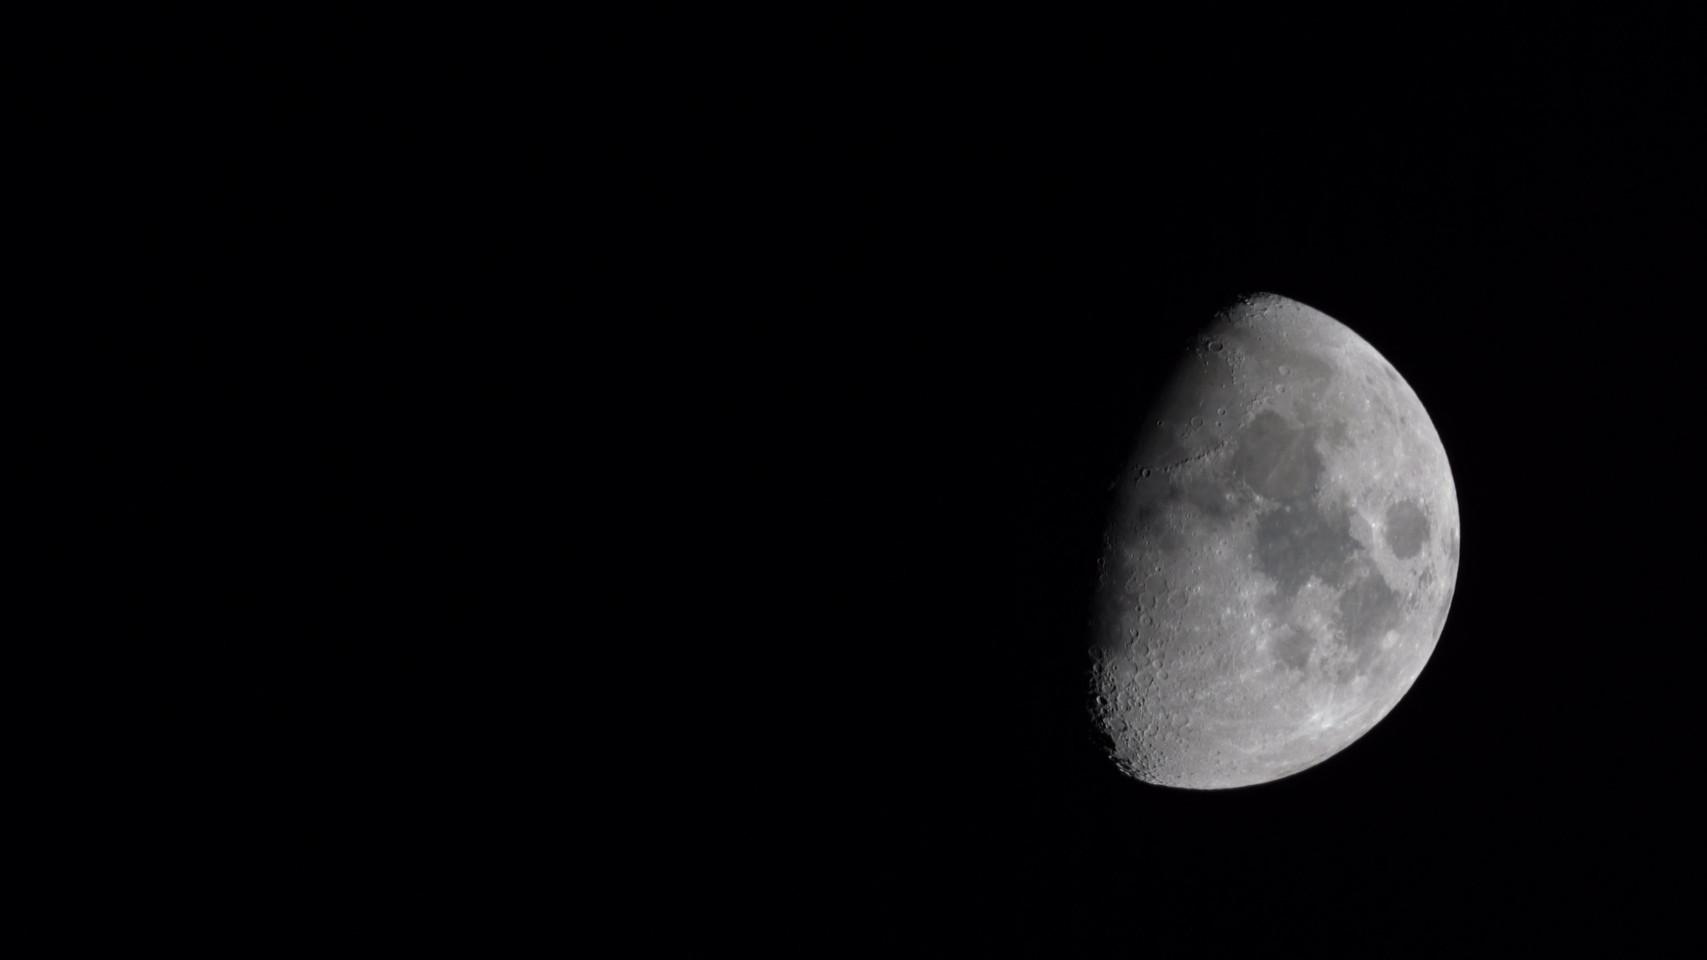 Earth's Moon Sony telephoto Lens